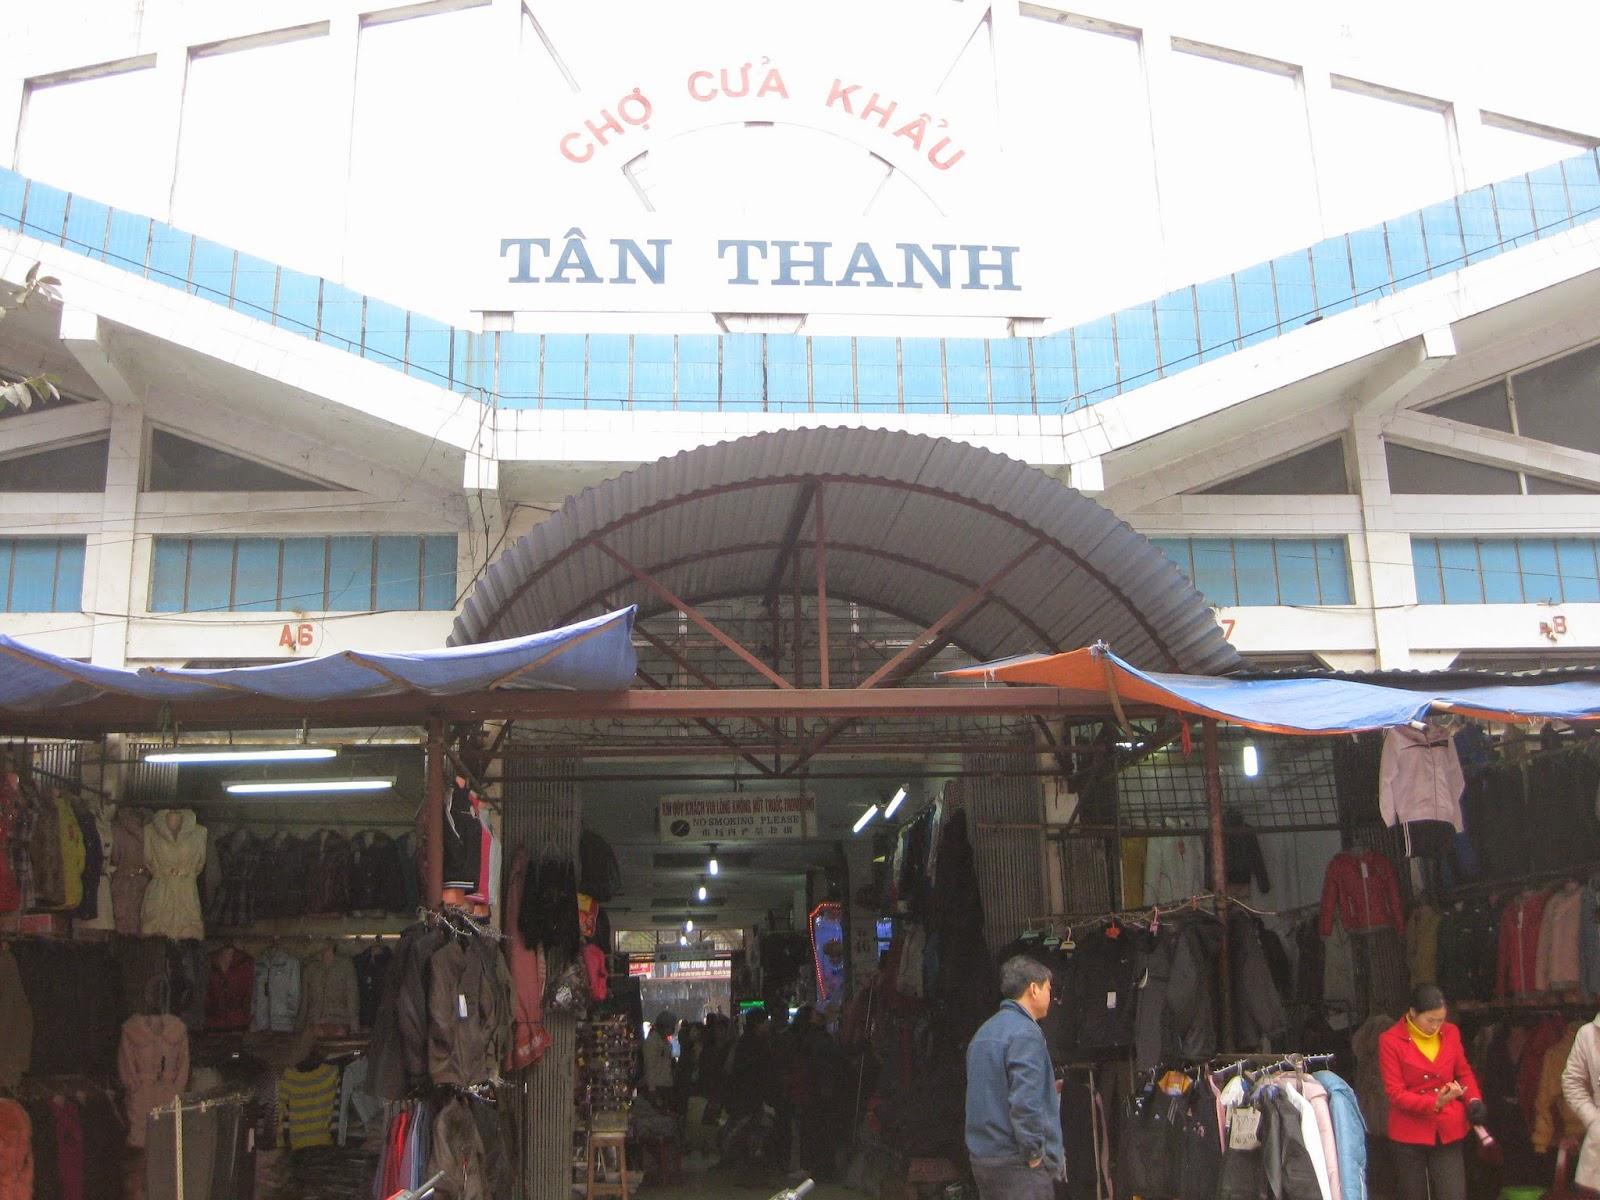 Mẫu Đồng Đăng - Cửa khẩu Tân Thanh 1 ngày